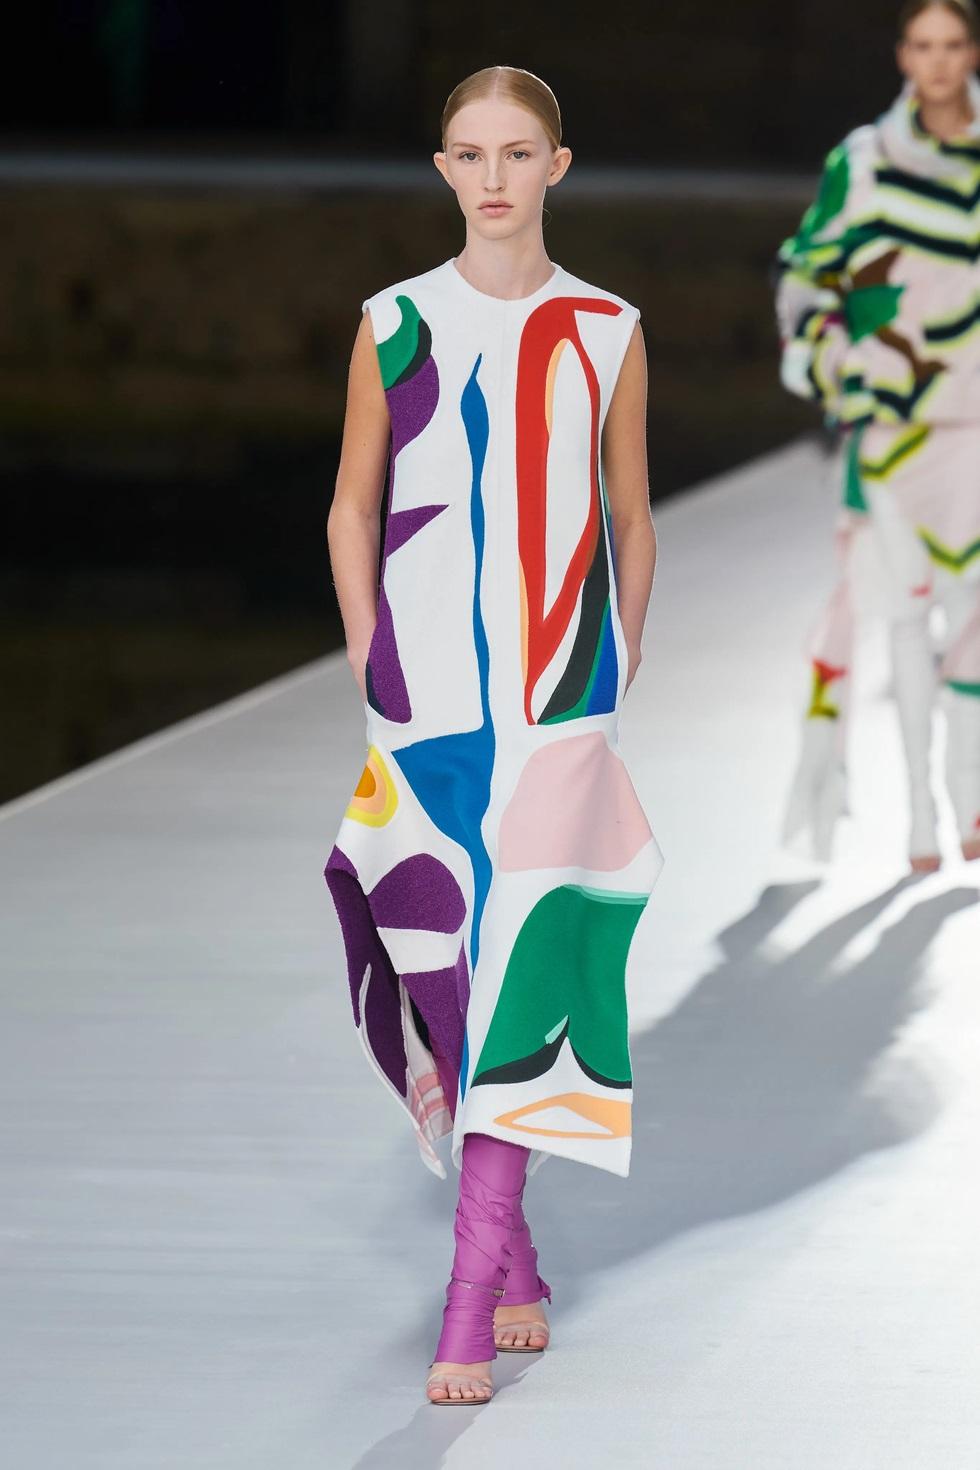 Valentino ra mắt bộ sưu tập Haute couture tôn kính thành phố Venice - 6